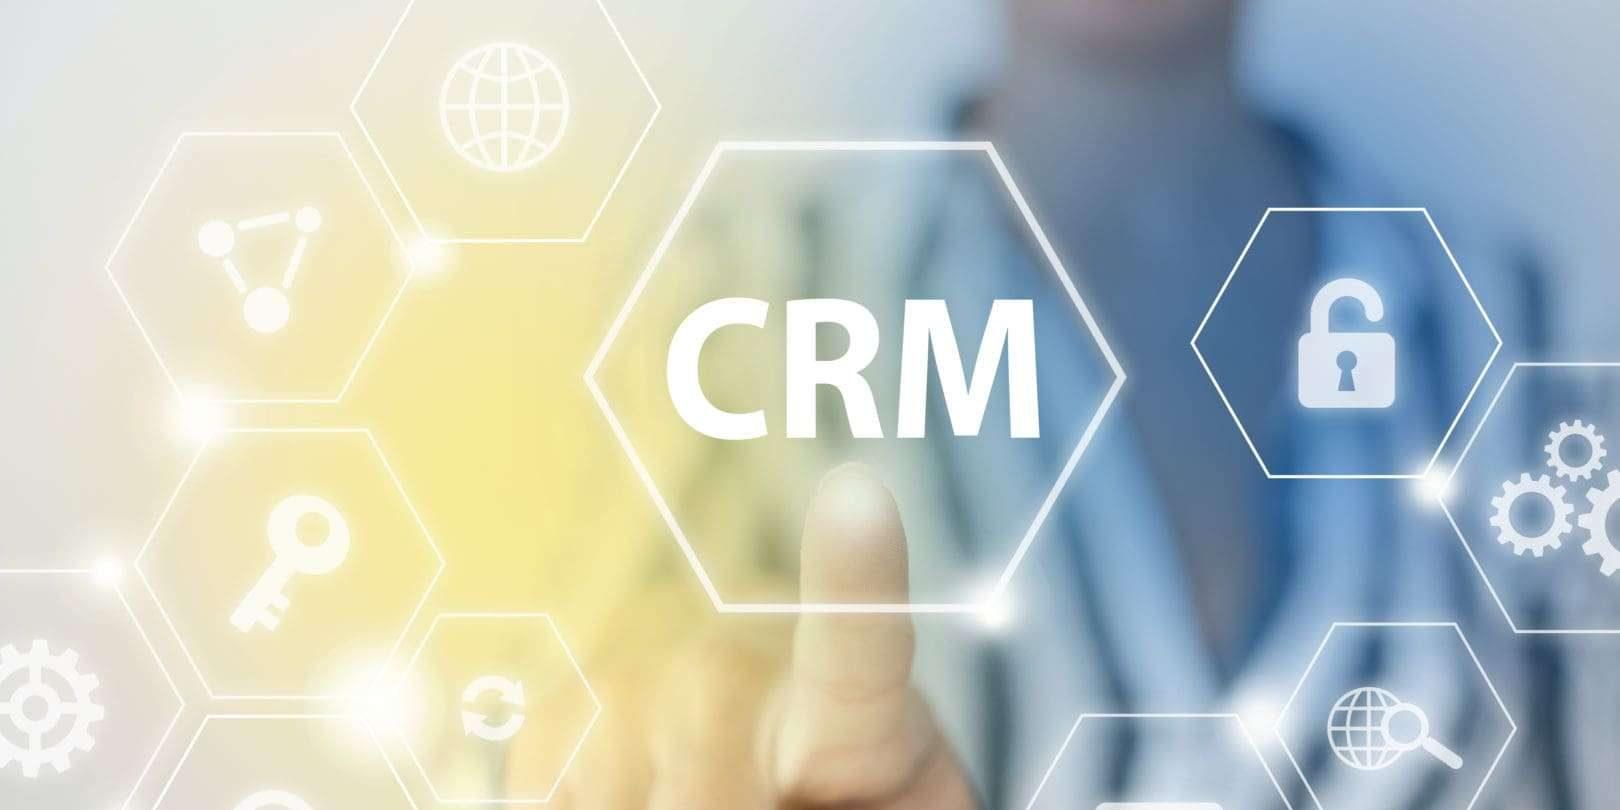 CRM softwarepakket   CRM systeem   Relatiebeheer software